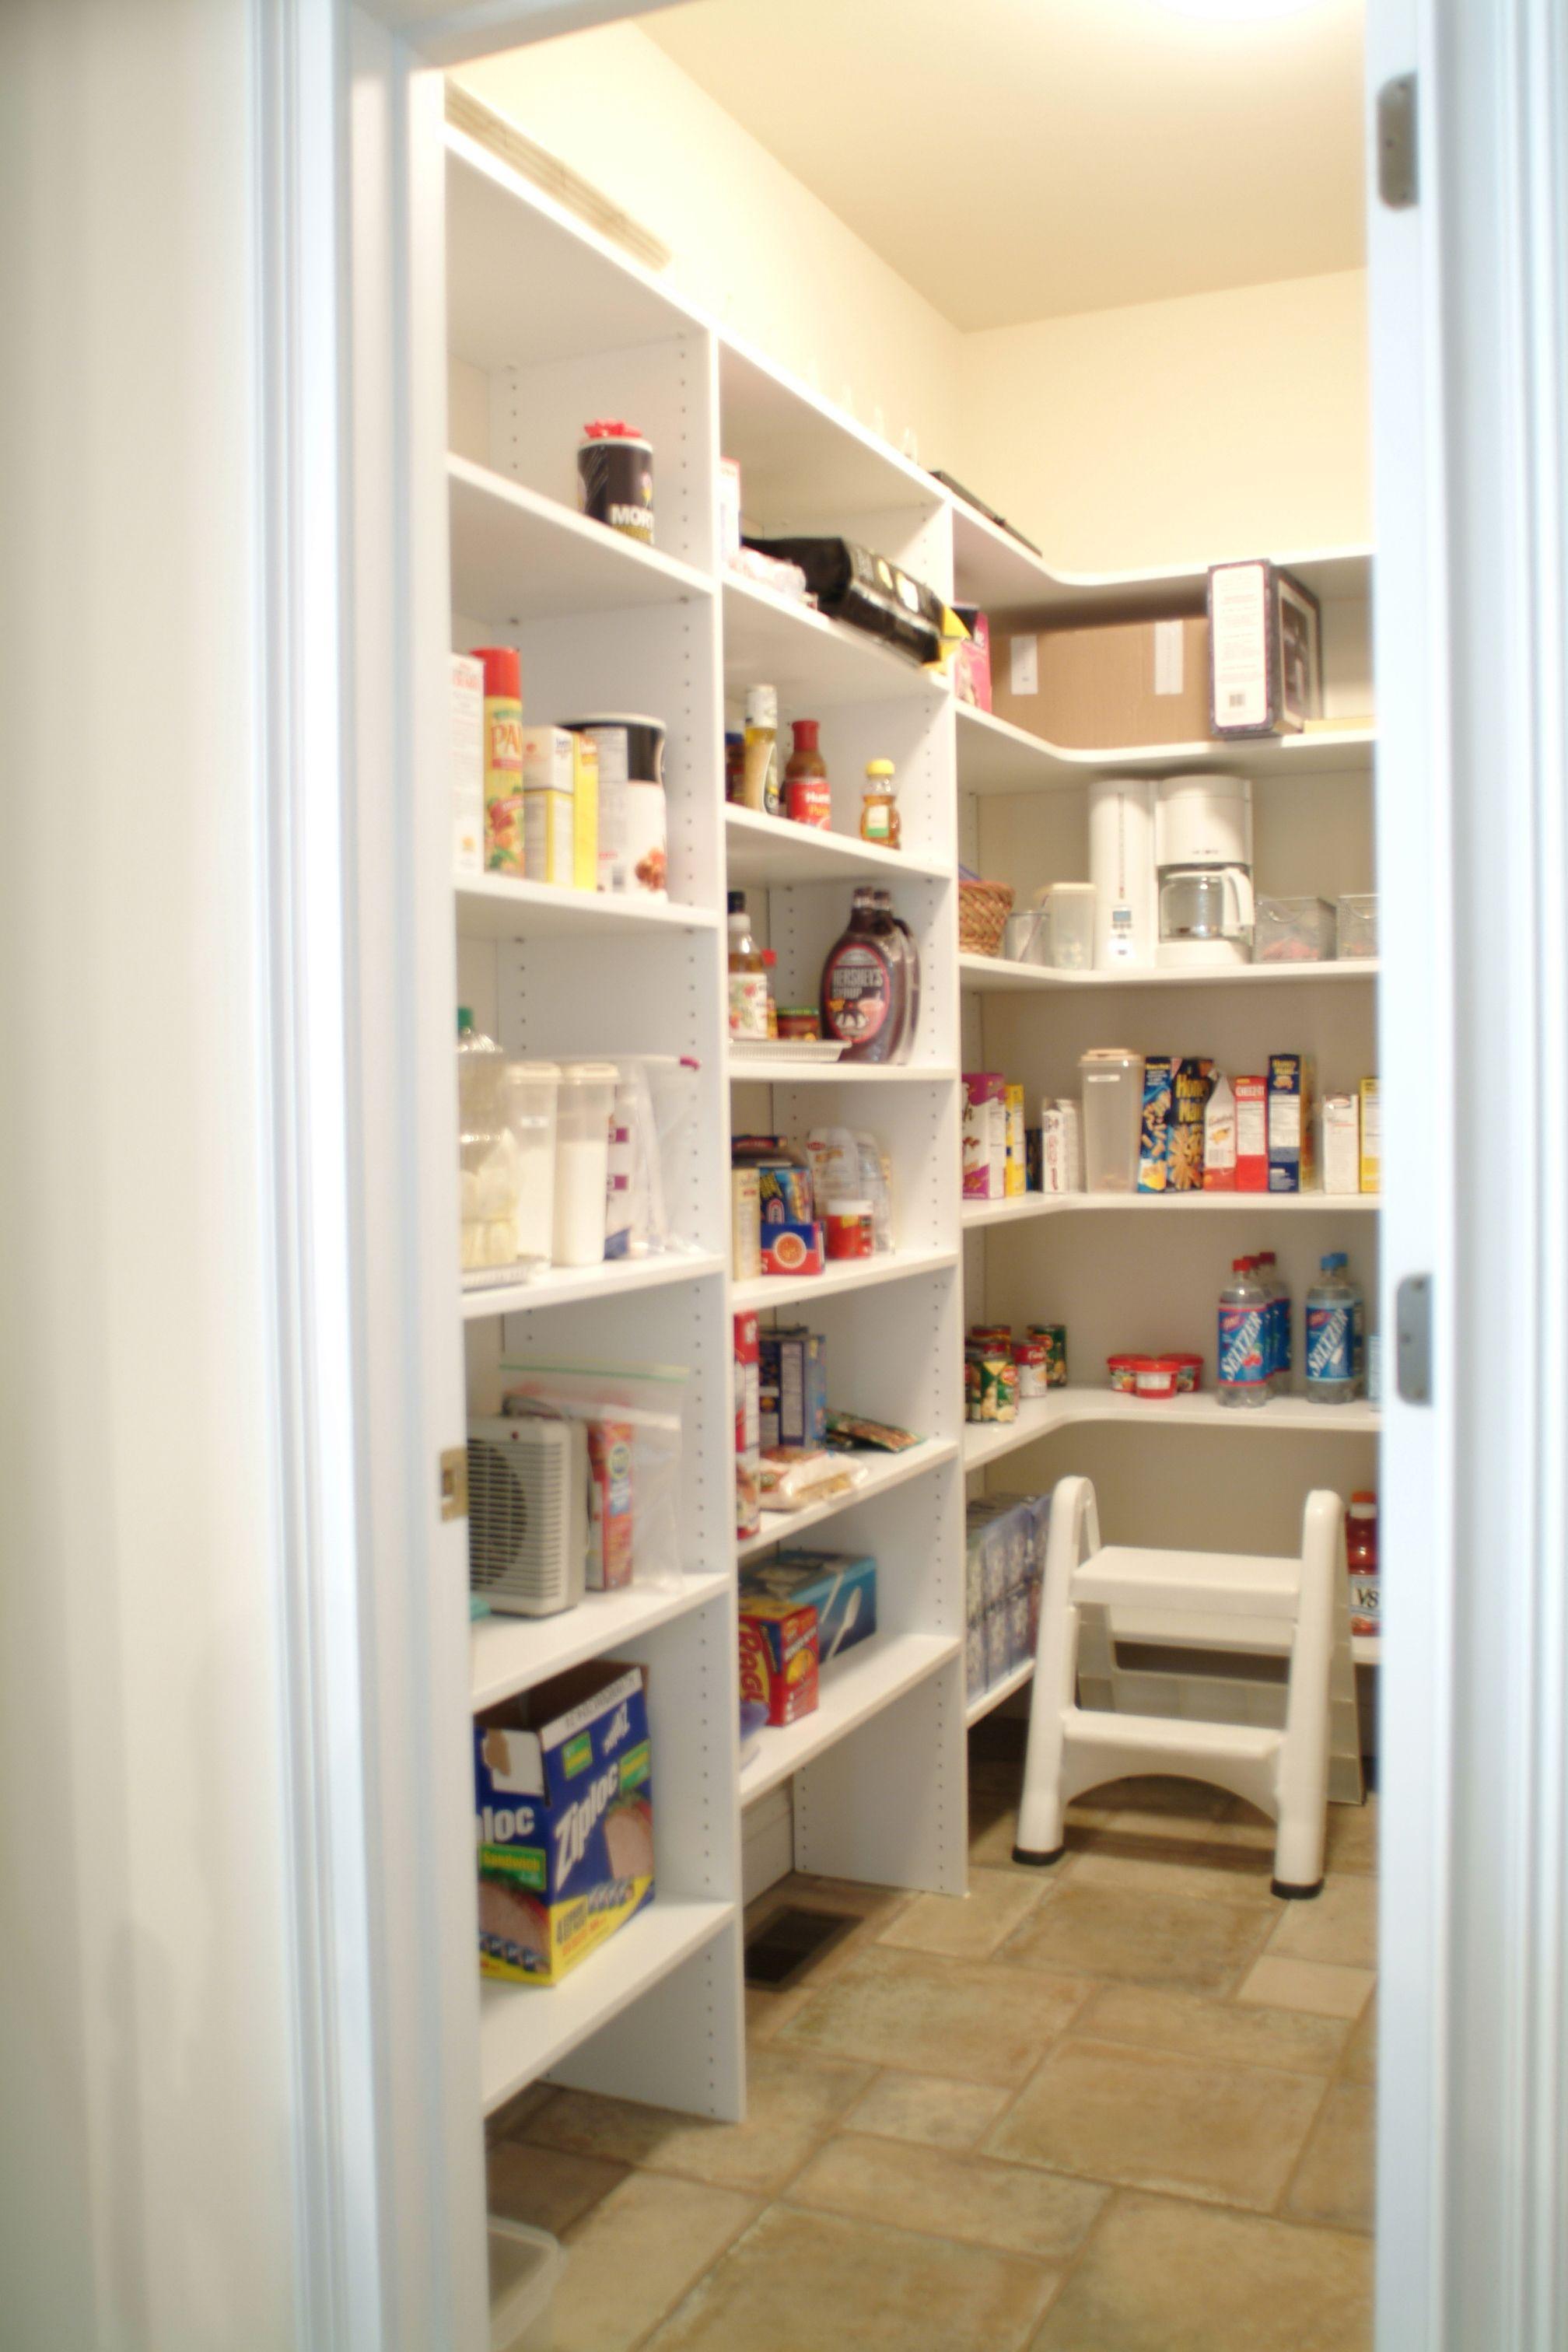 Custom Pantry Design | The Closet Works Inc. | The Closet Works Inc.